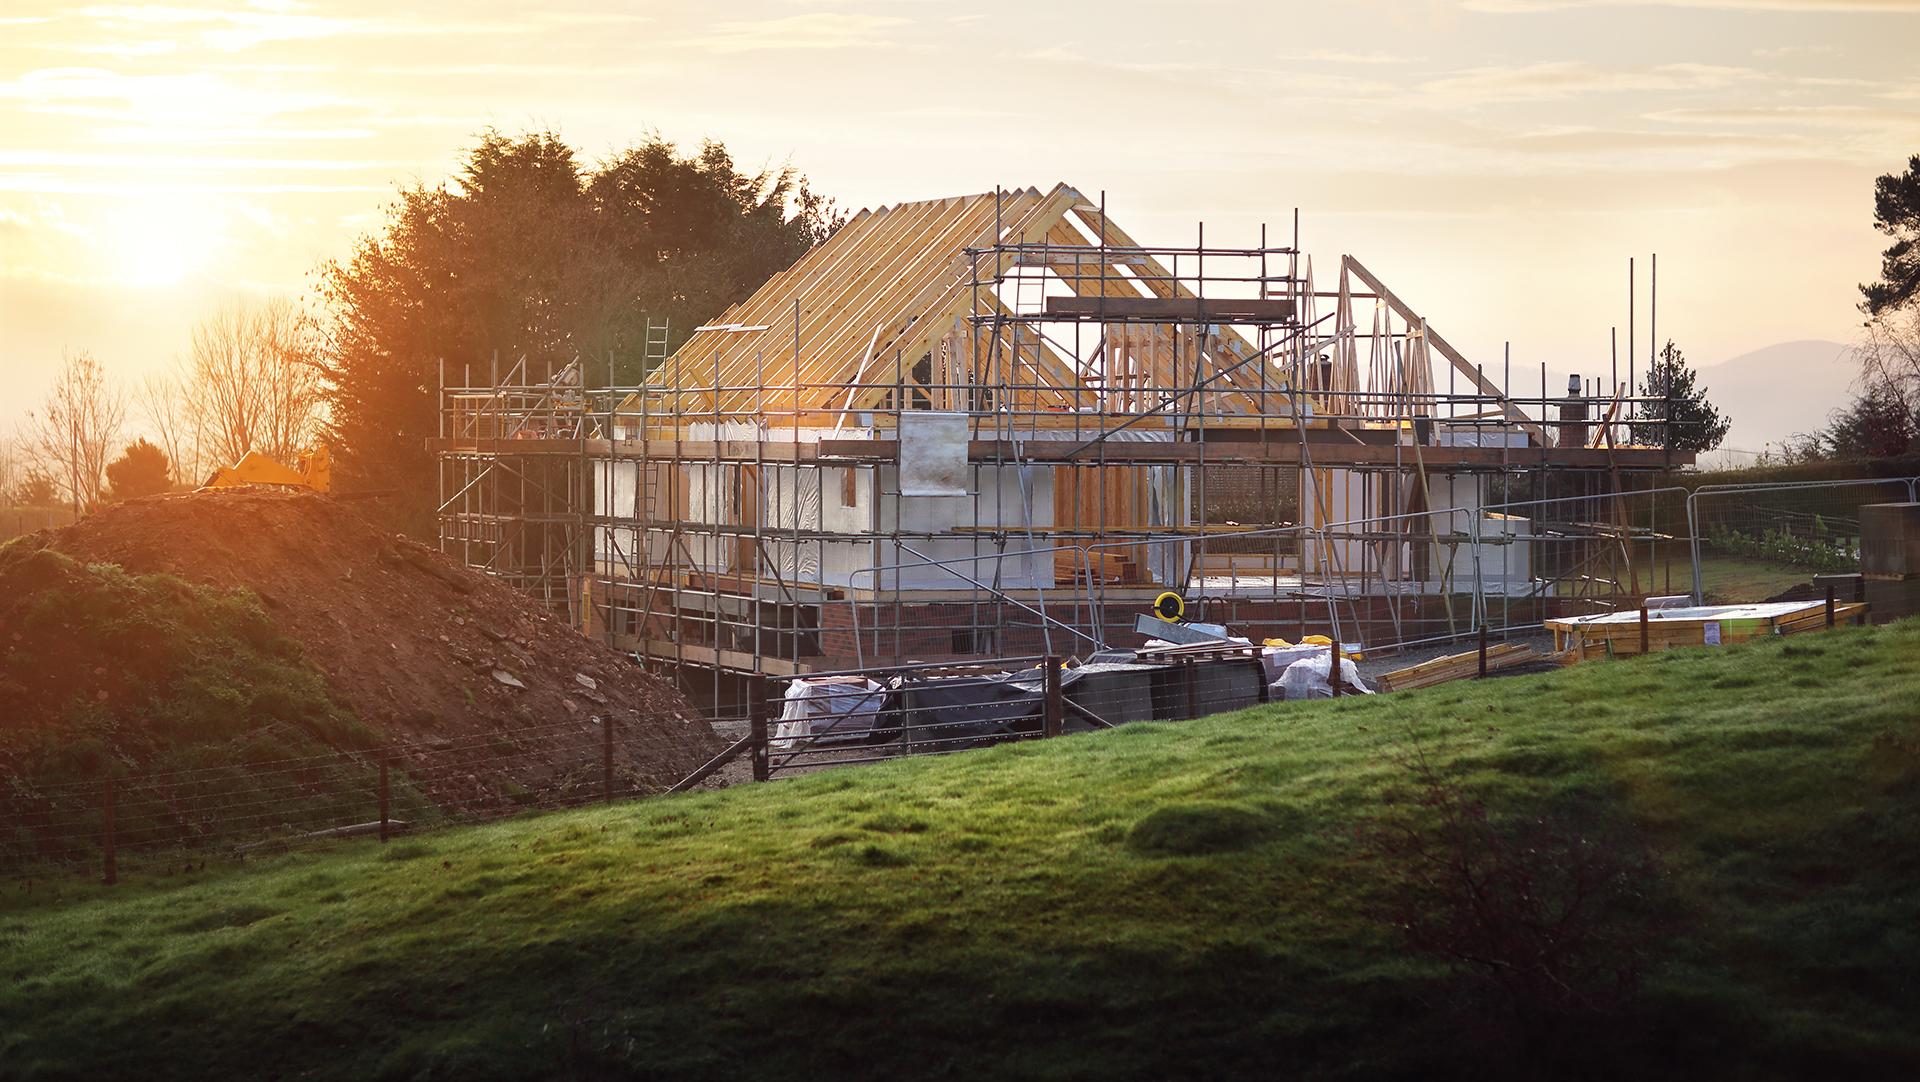 Roofing Contractor Worksop, Nottinghamshire